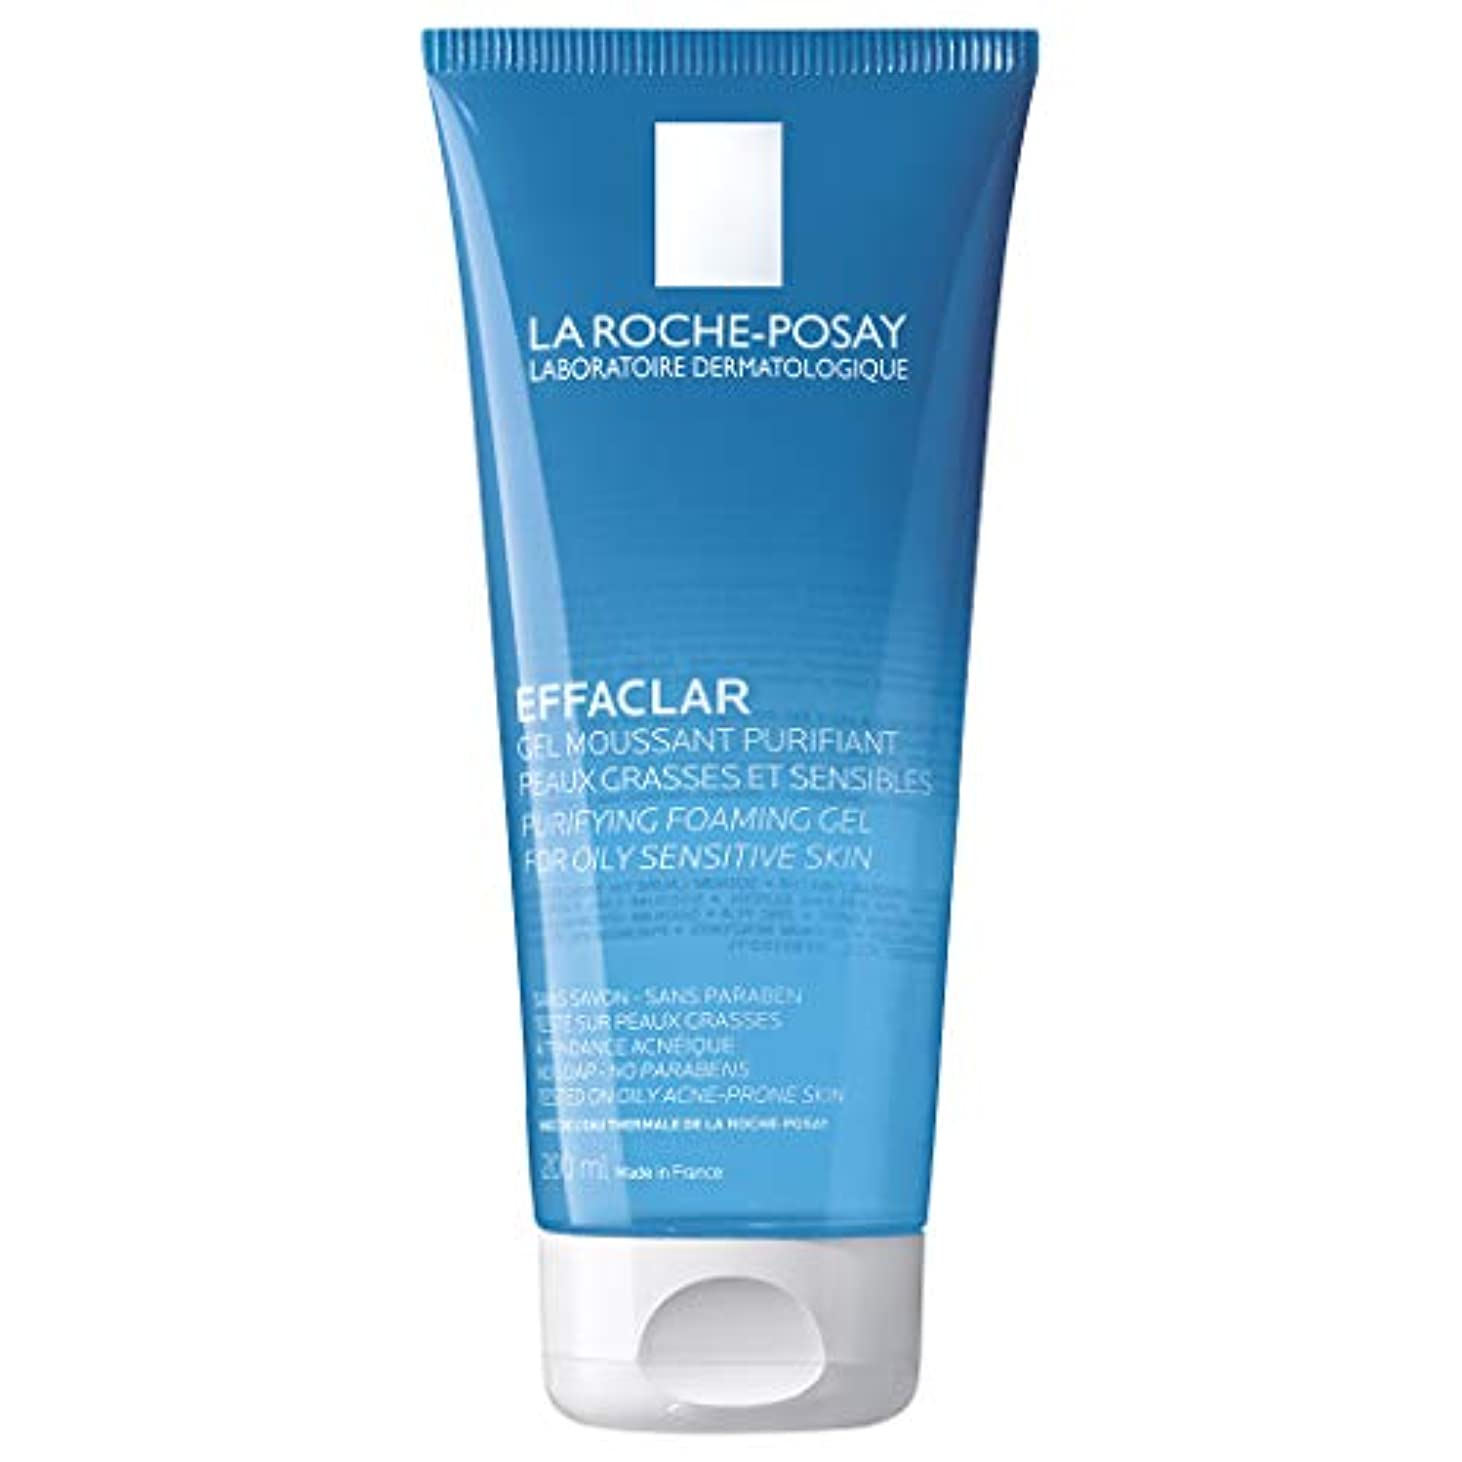 静める十代ヒント[ラロシュ布製] エファクラ 脂性肌のためのピュリファイングフォーミングジェルクレンザー 200ml / La Roche-Posay Effaclar Purifying Foaming Gel Cleanser for...